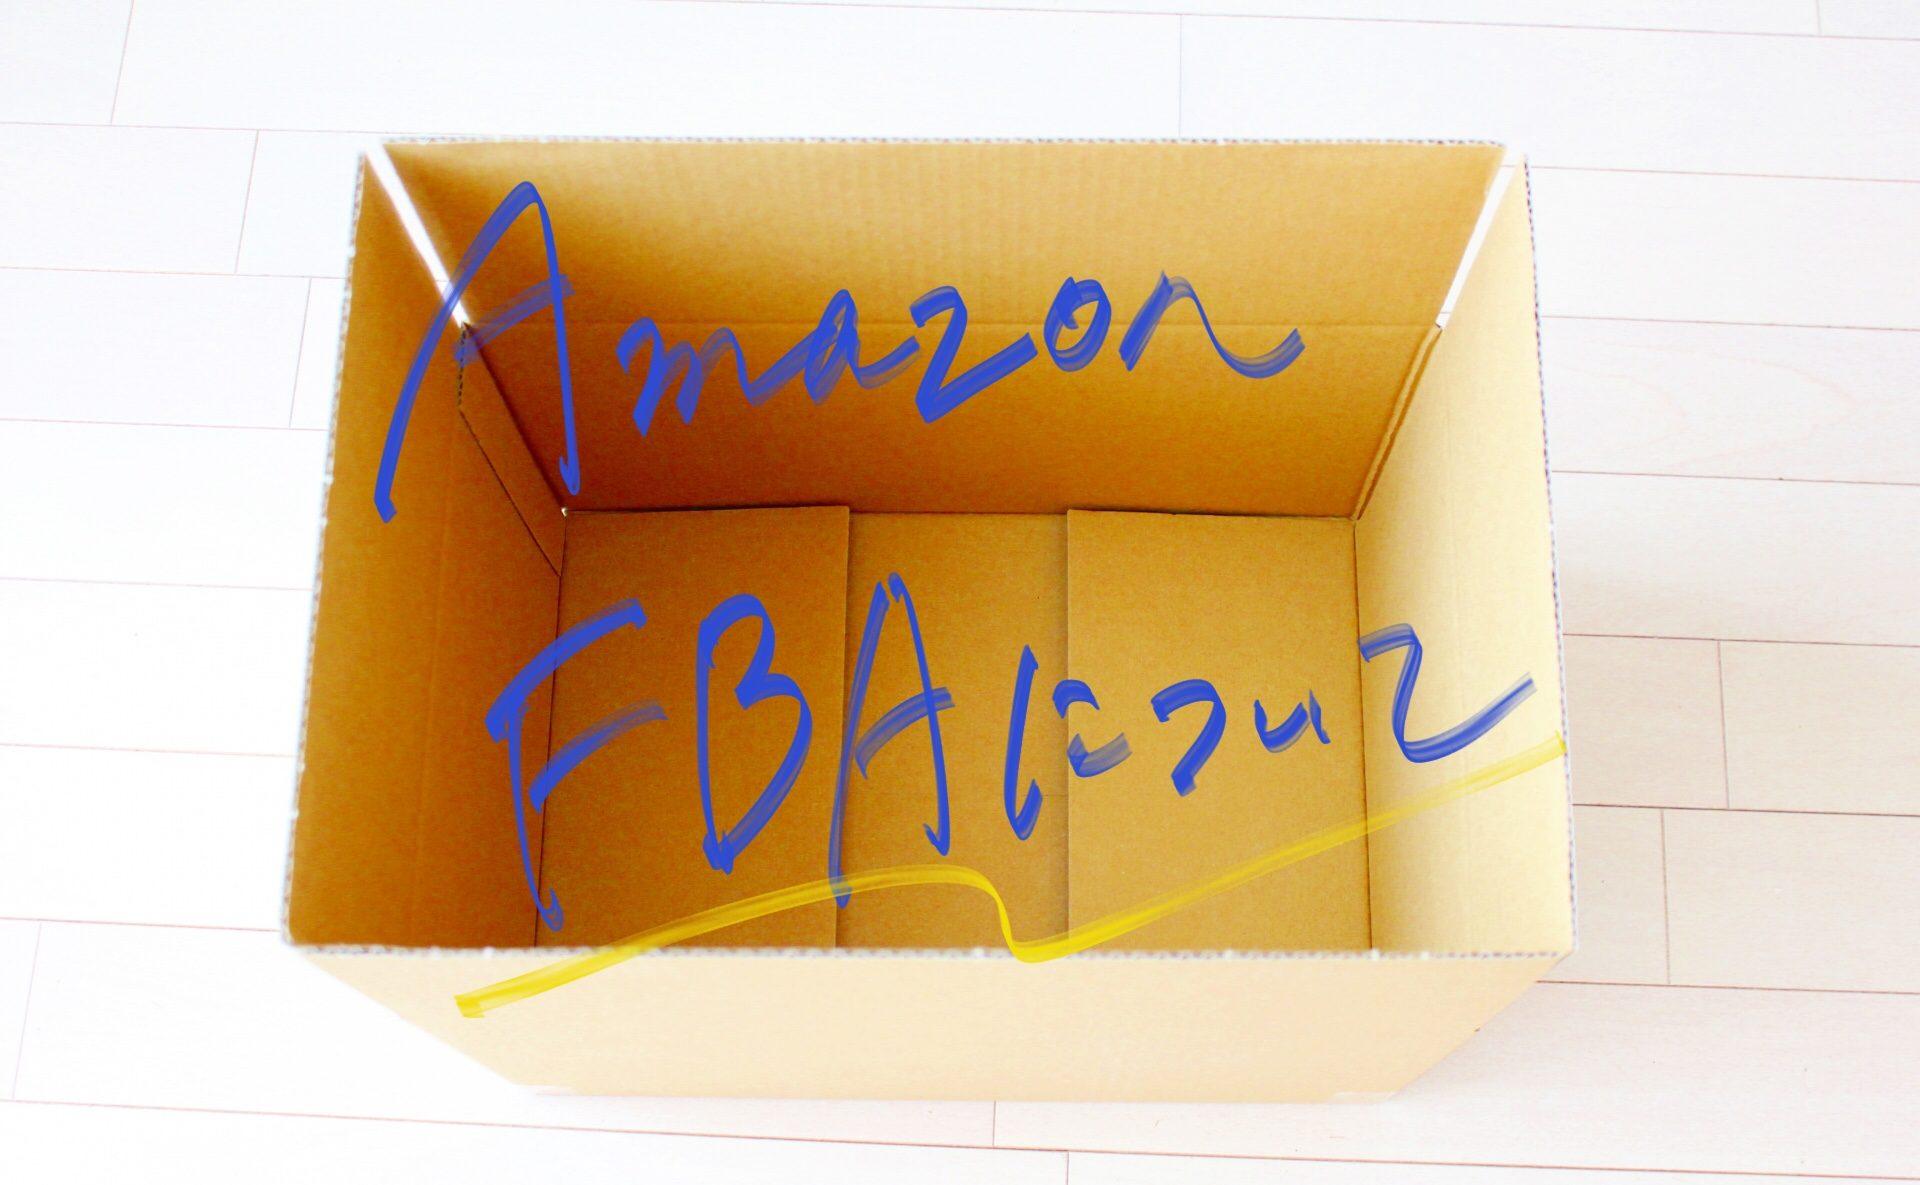 【Amazon出品したい人必見】AmazonのFBAサービスの7つのメリット・4つのデメリットを徹底解説